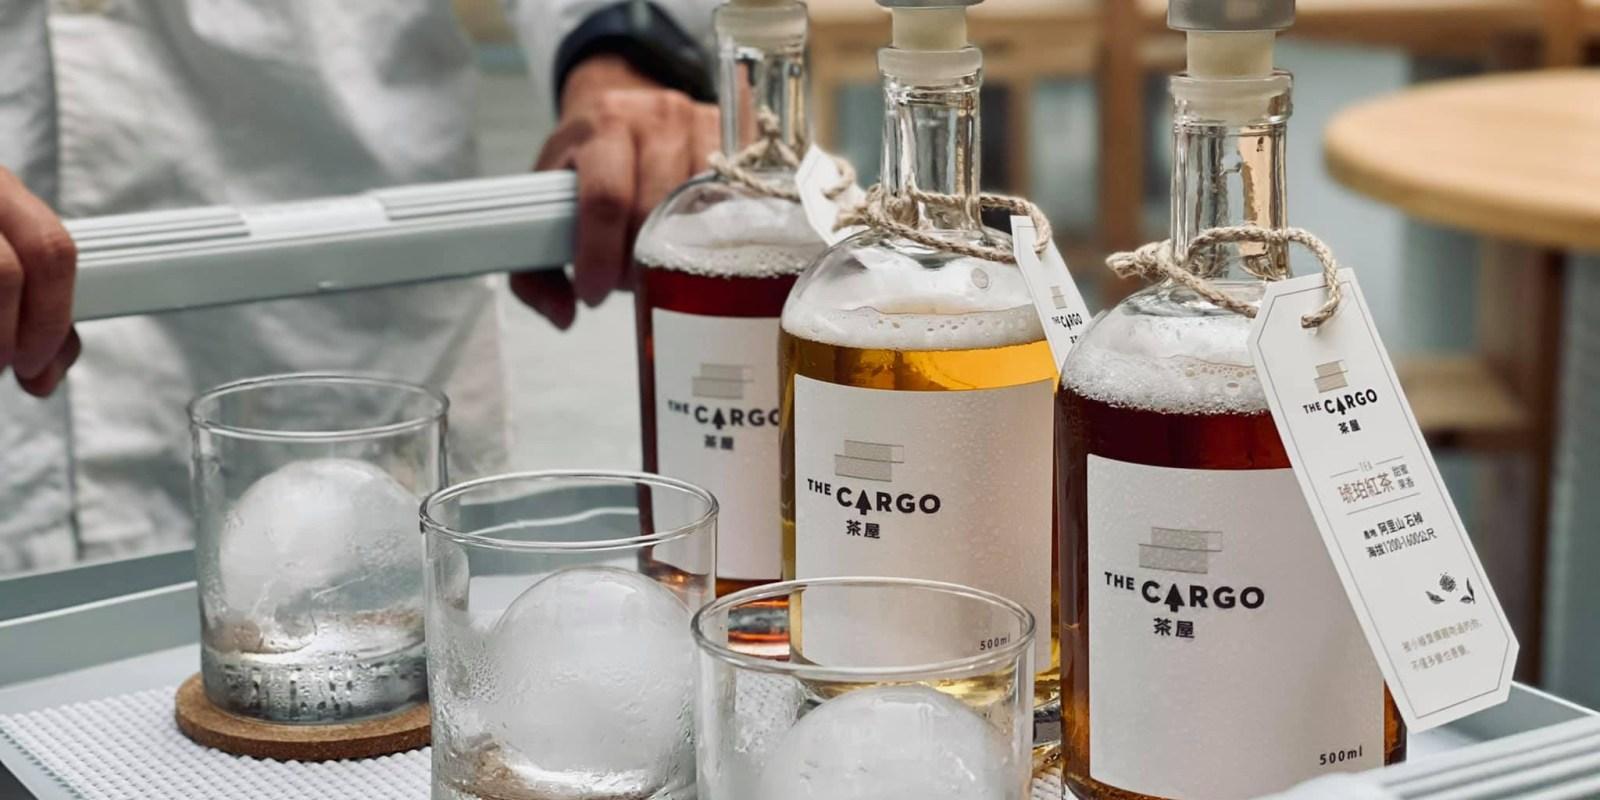 台南 中西區 正興街 The Cargo 茶屋 新潮現代空間 威士忌瓶裝高山茶 深夜喫茶店